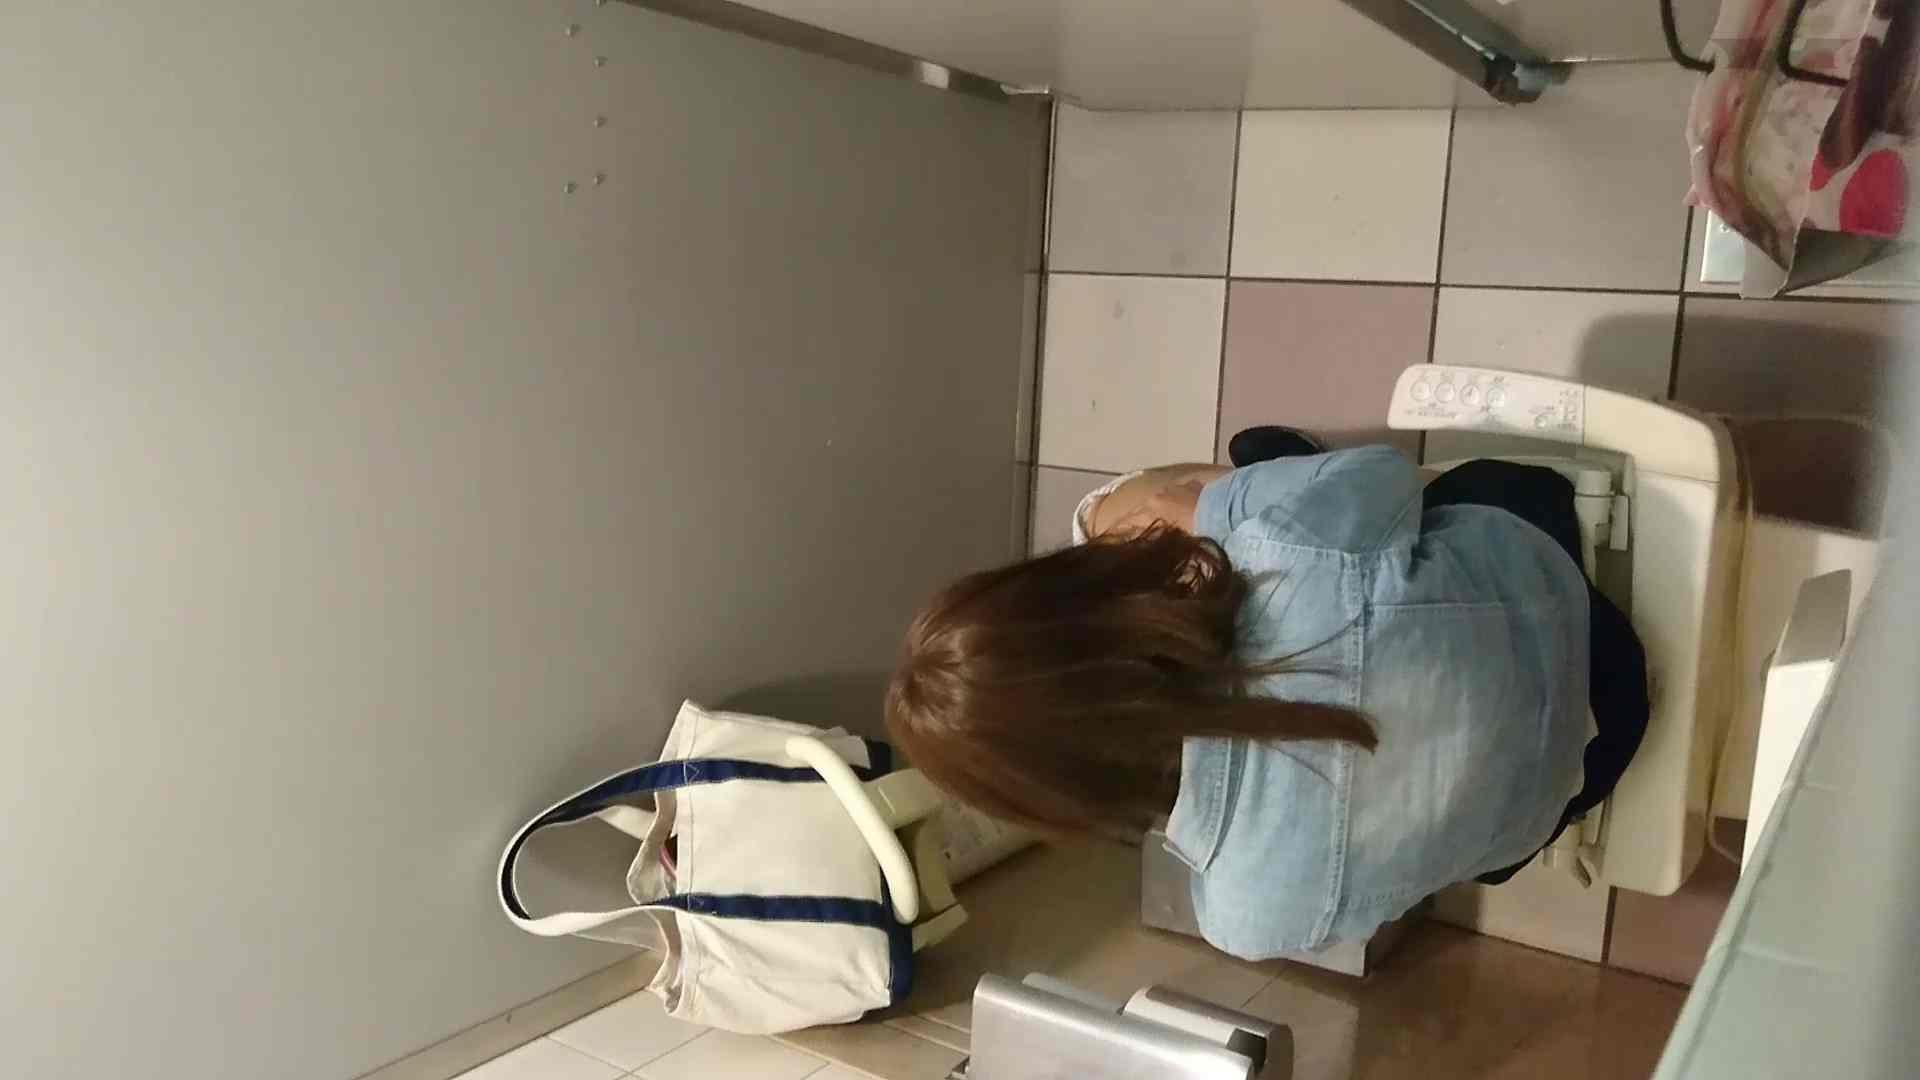 化粧室絵巻 ショッピングモール編 VOL.17 OL  71pic 12